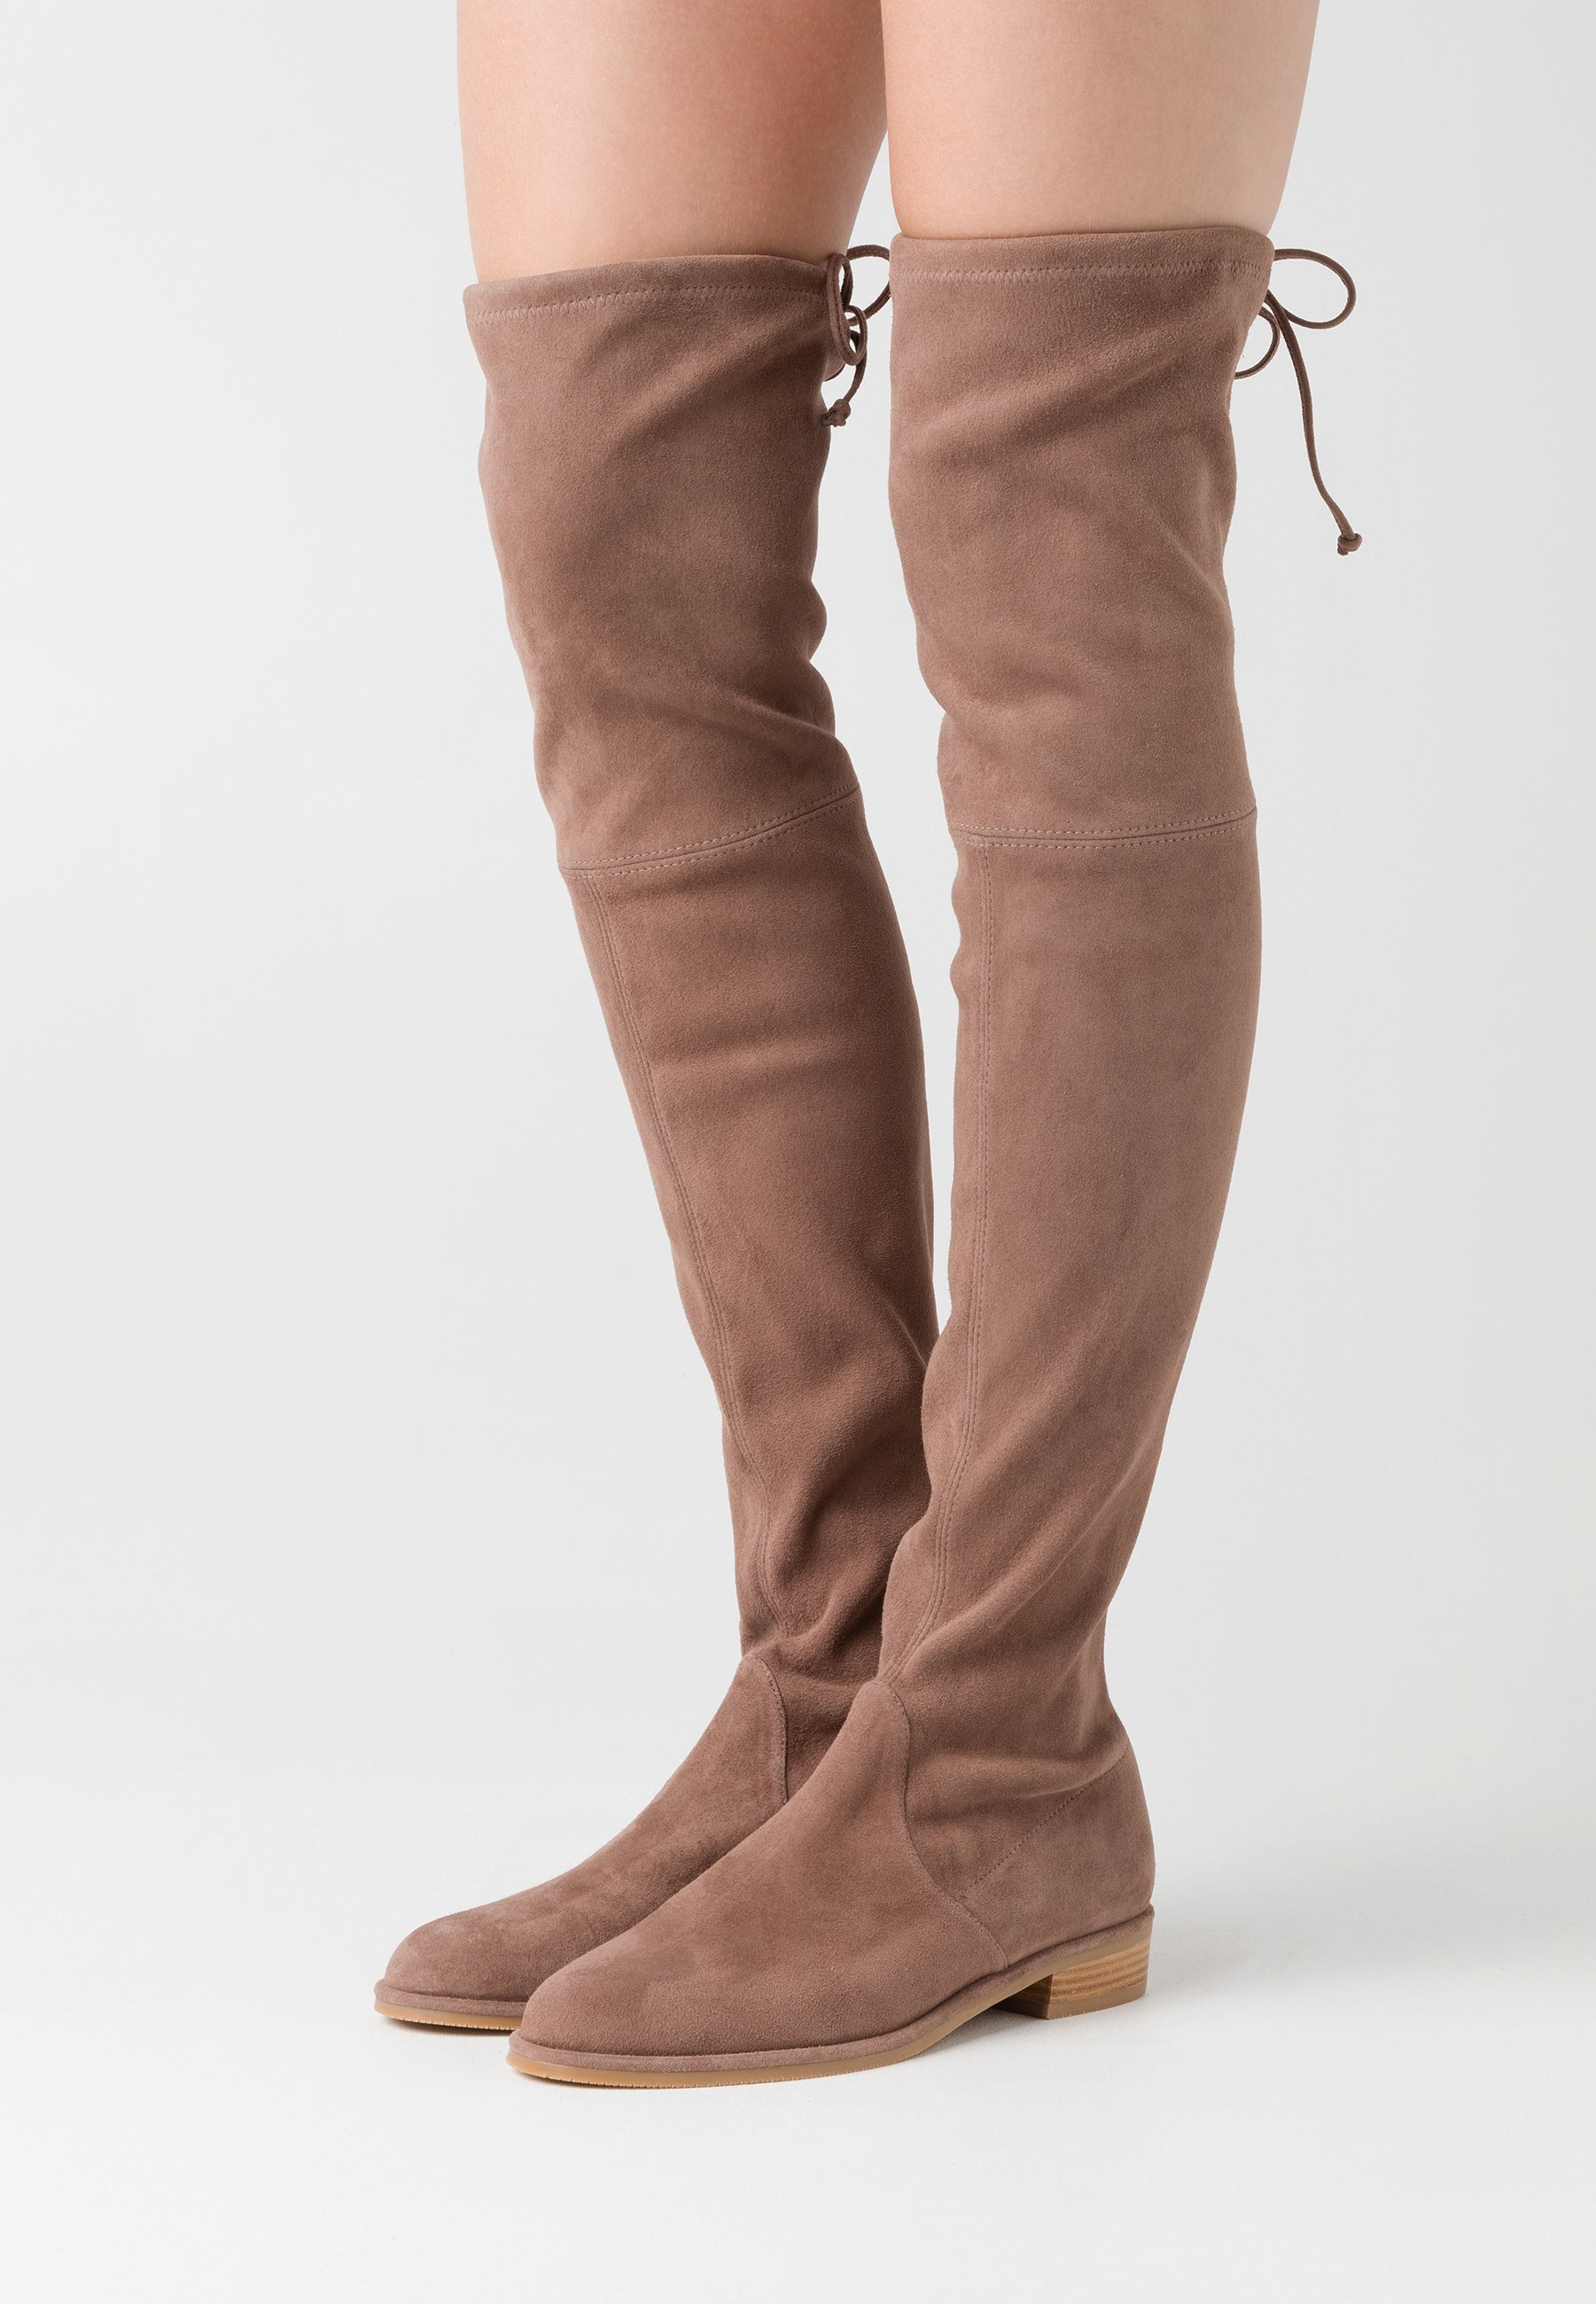 Bruine Dames Overknee Laarzen van Stuart Weitzman online